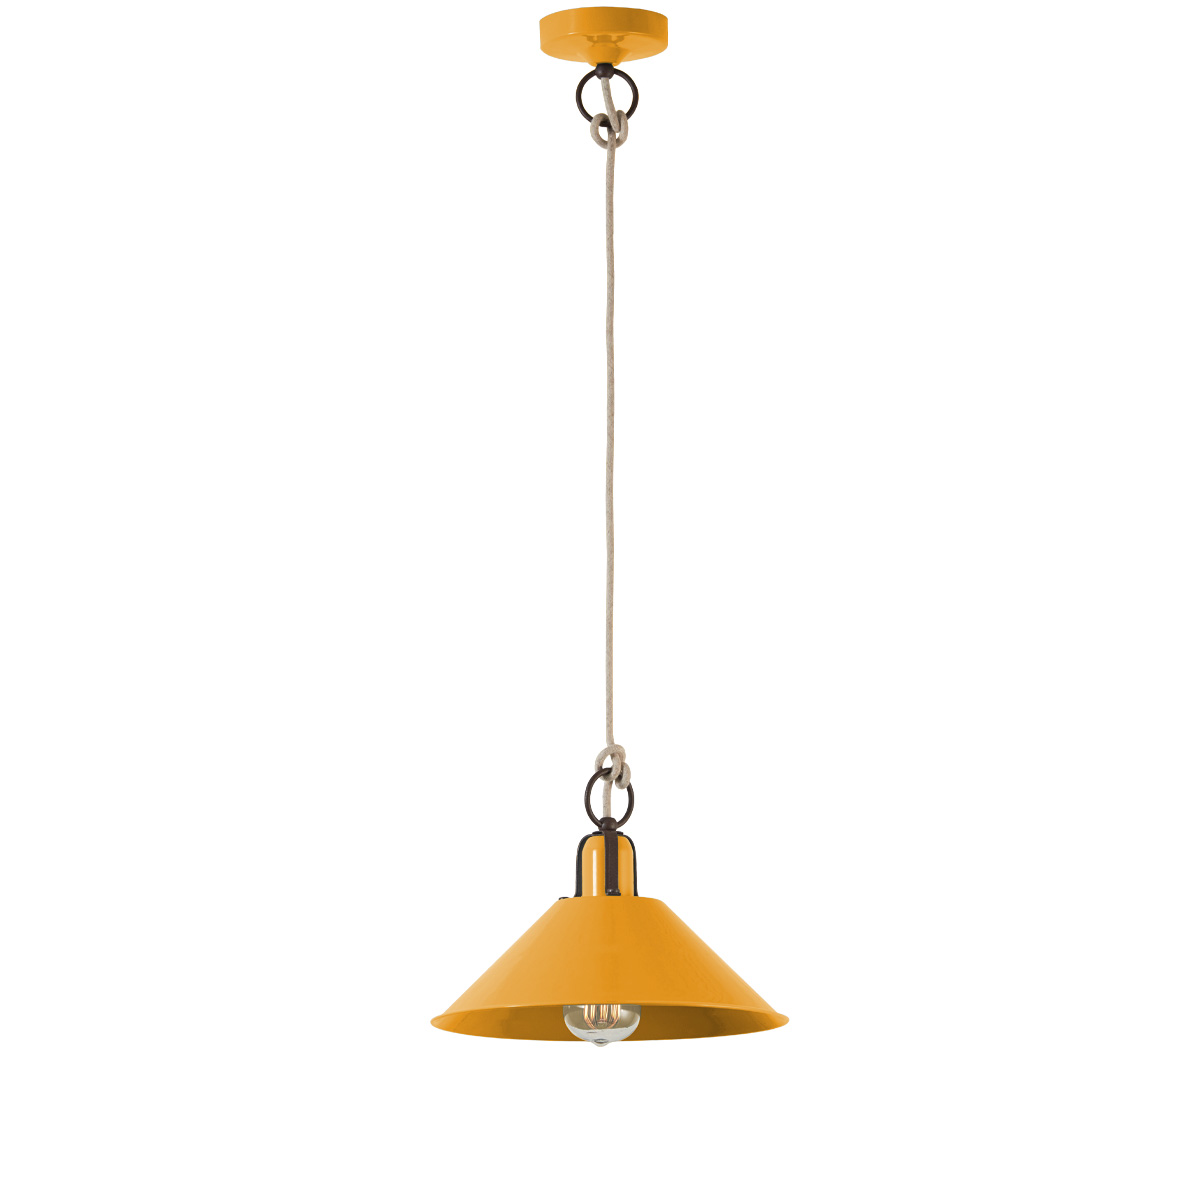 Ρετρό κρεμαστό φωτιστικό πορτοκαλοκίτρινο ΜΗΛΟΣ melon yellow retro pendant lamp